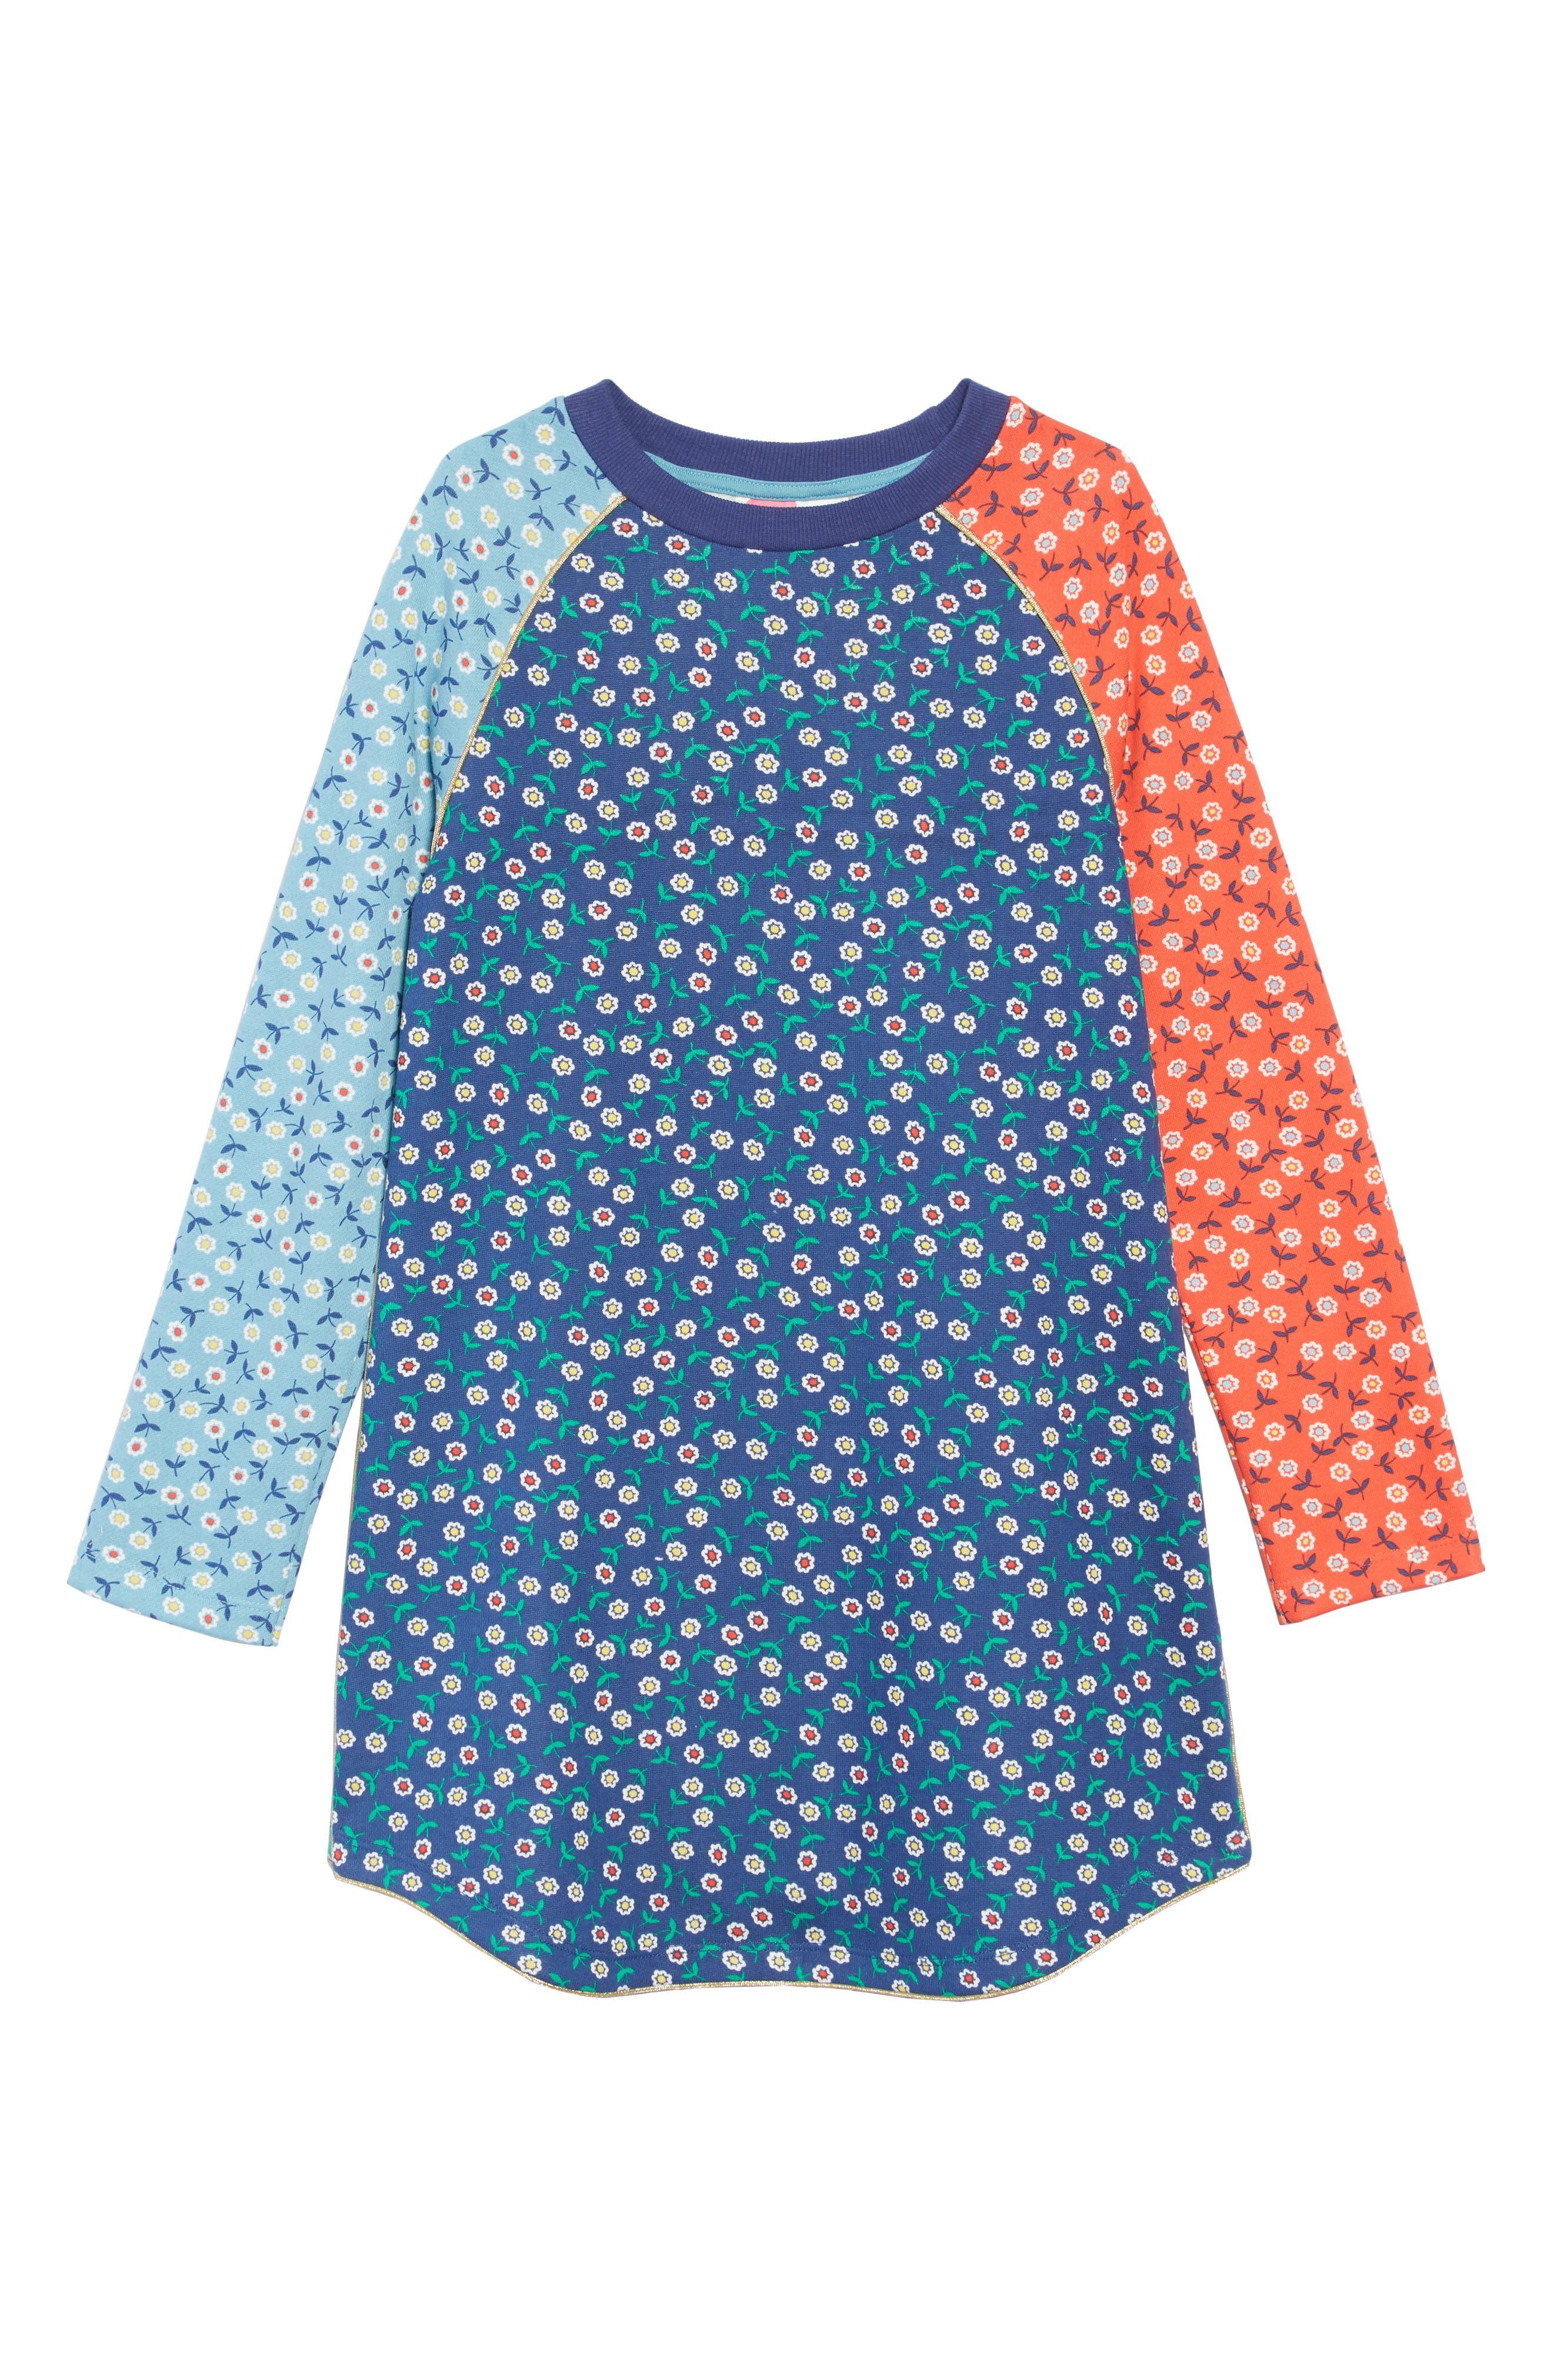 Cozy Sweatshirt Dress,                         Main,                         color, 900